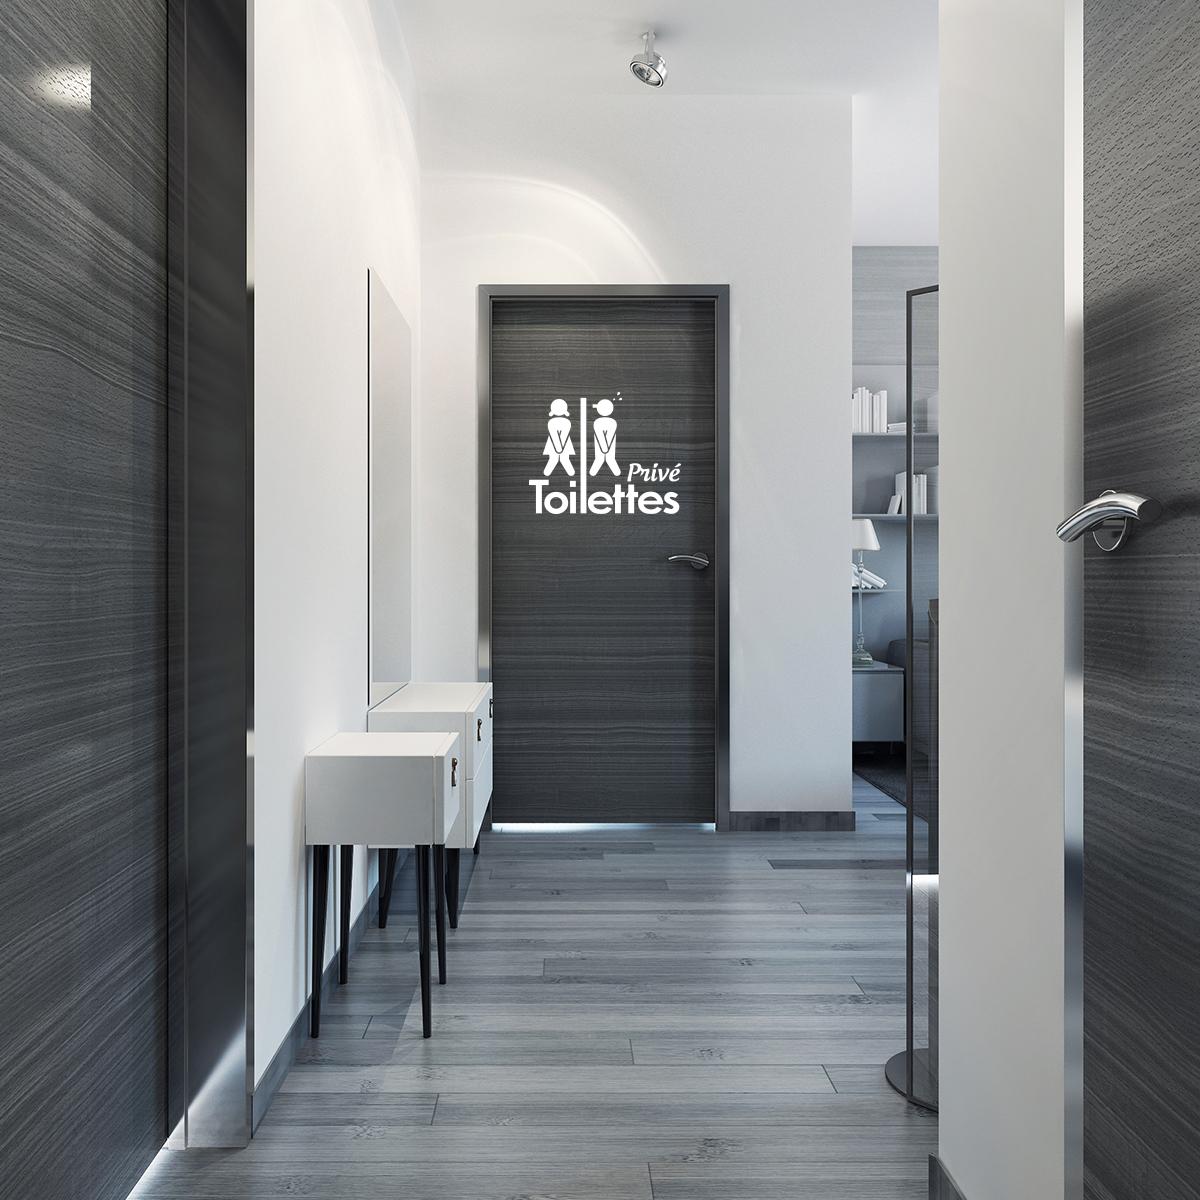 Sticker porte toilettes priv stickers toilettes porte - Stickers porte wc ...